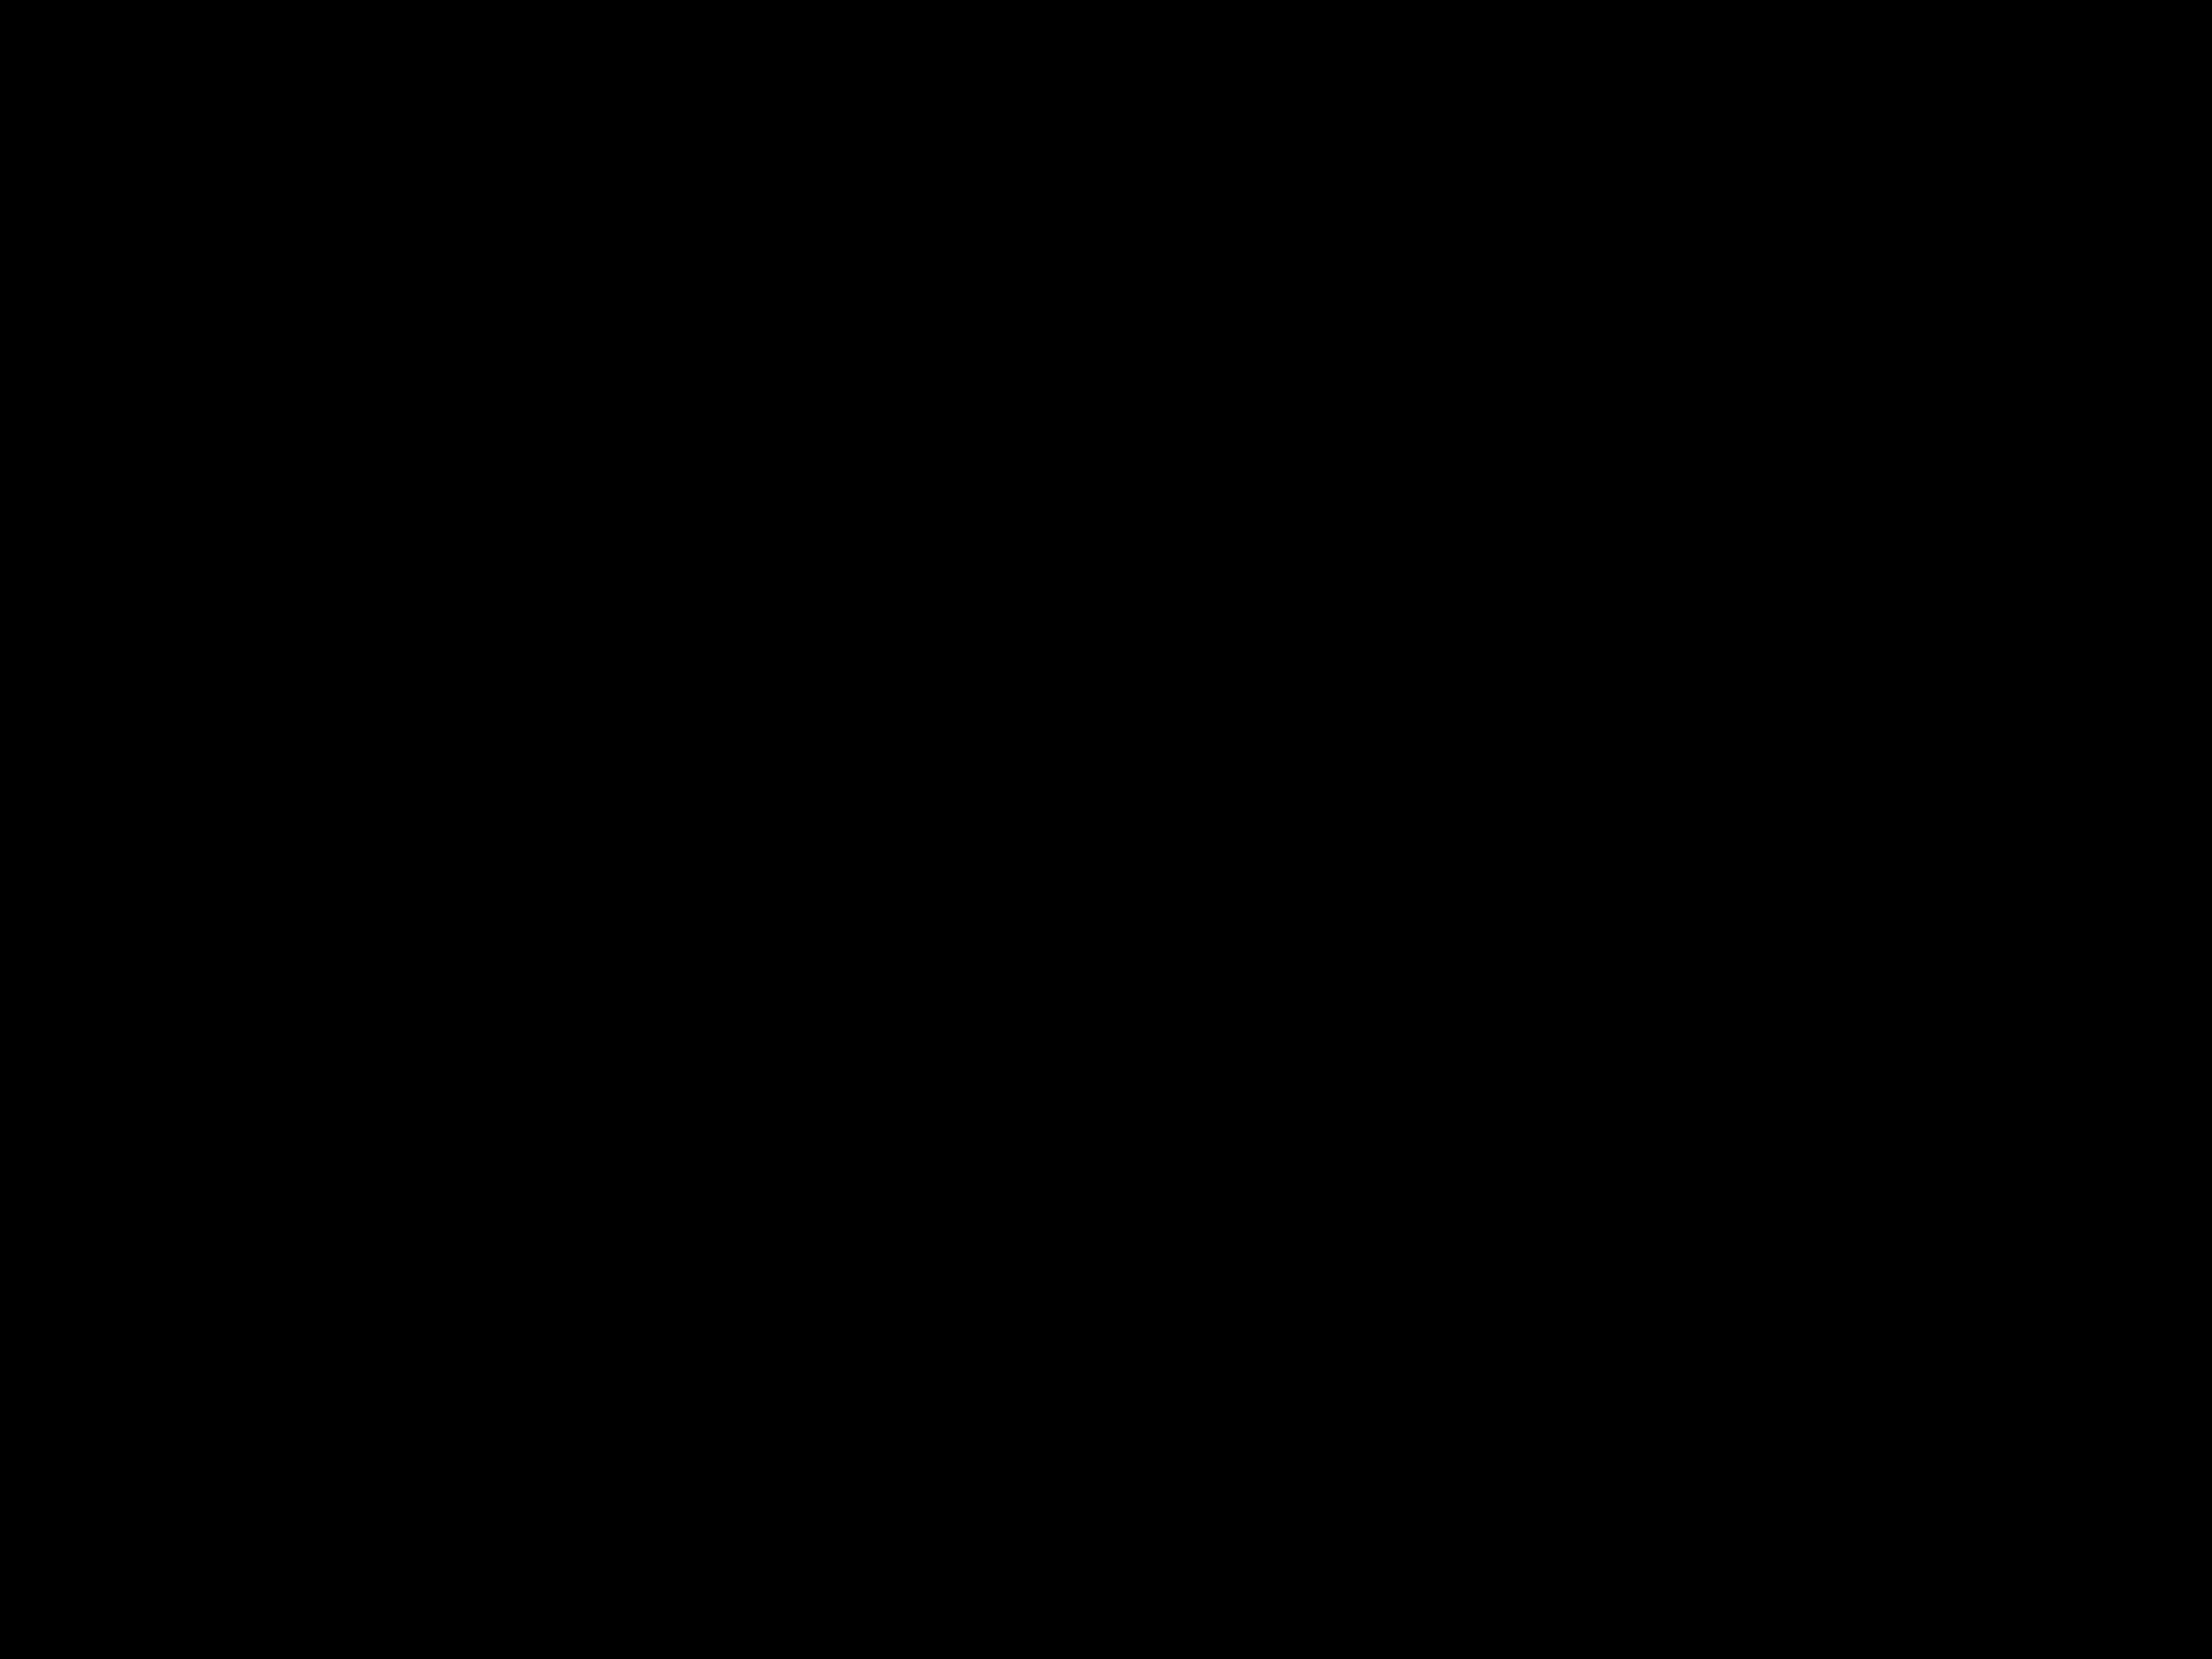 Otthon morahalmon logo 2016 freklam